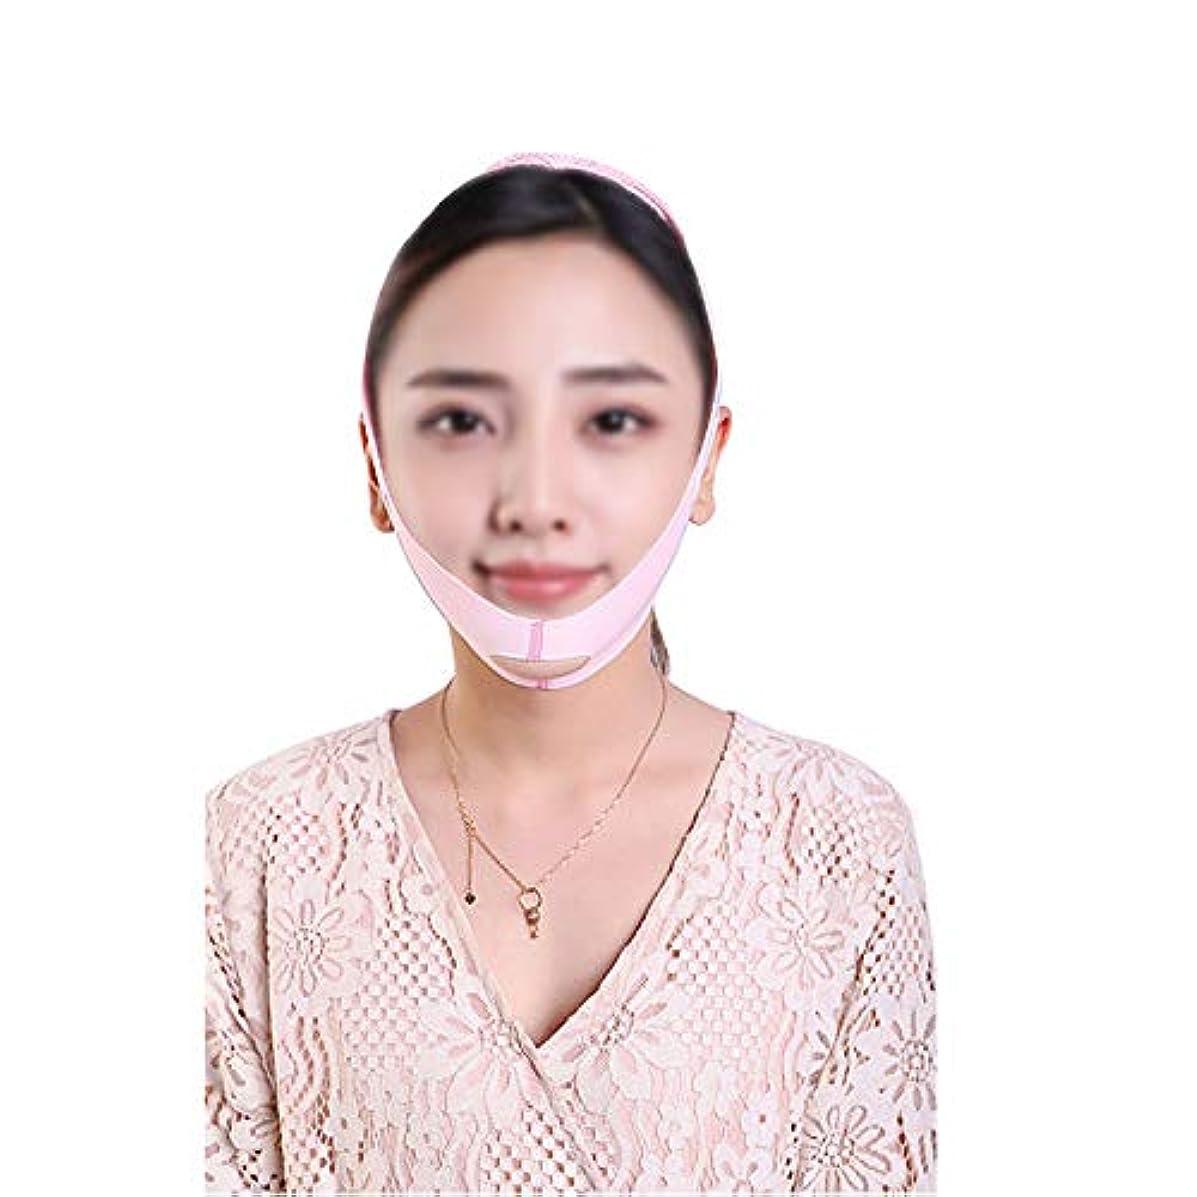 準備した聡明バクテリアTLMY 薄いフェイスマスク引き締めアンチフロントドルーピングアーティファクト小さなVフェイス包帯マスク 顔用整形マスク